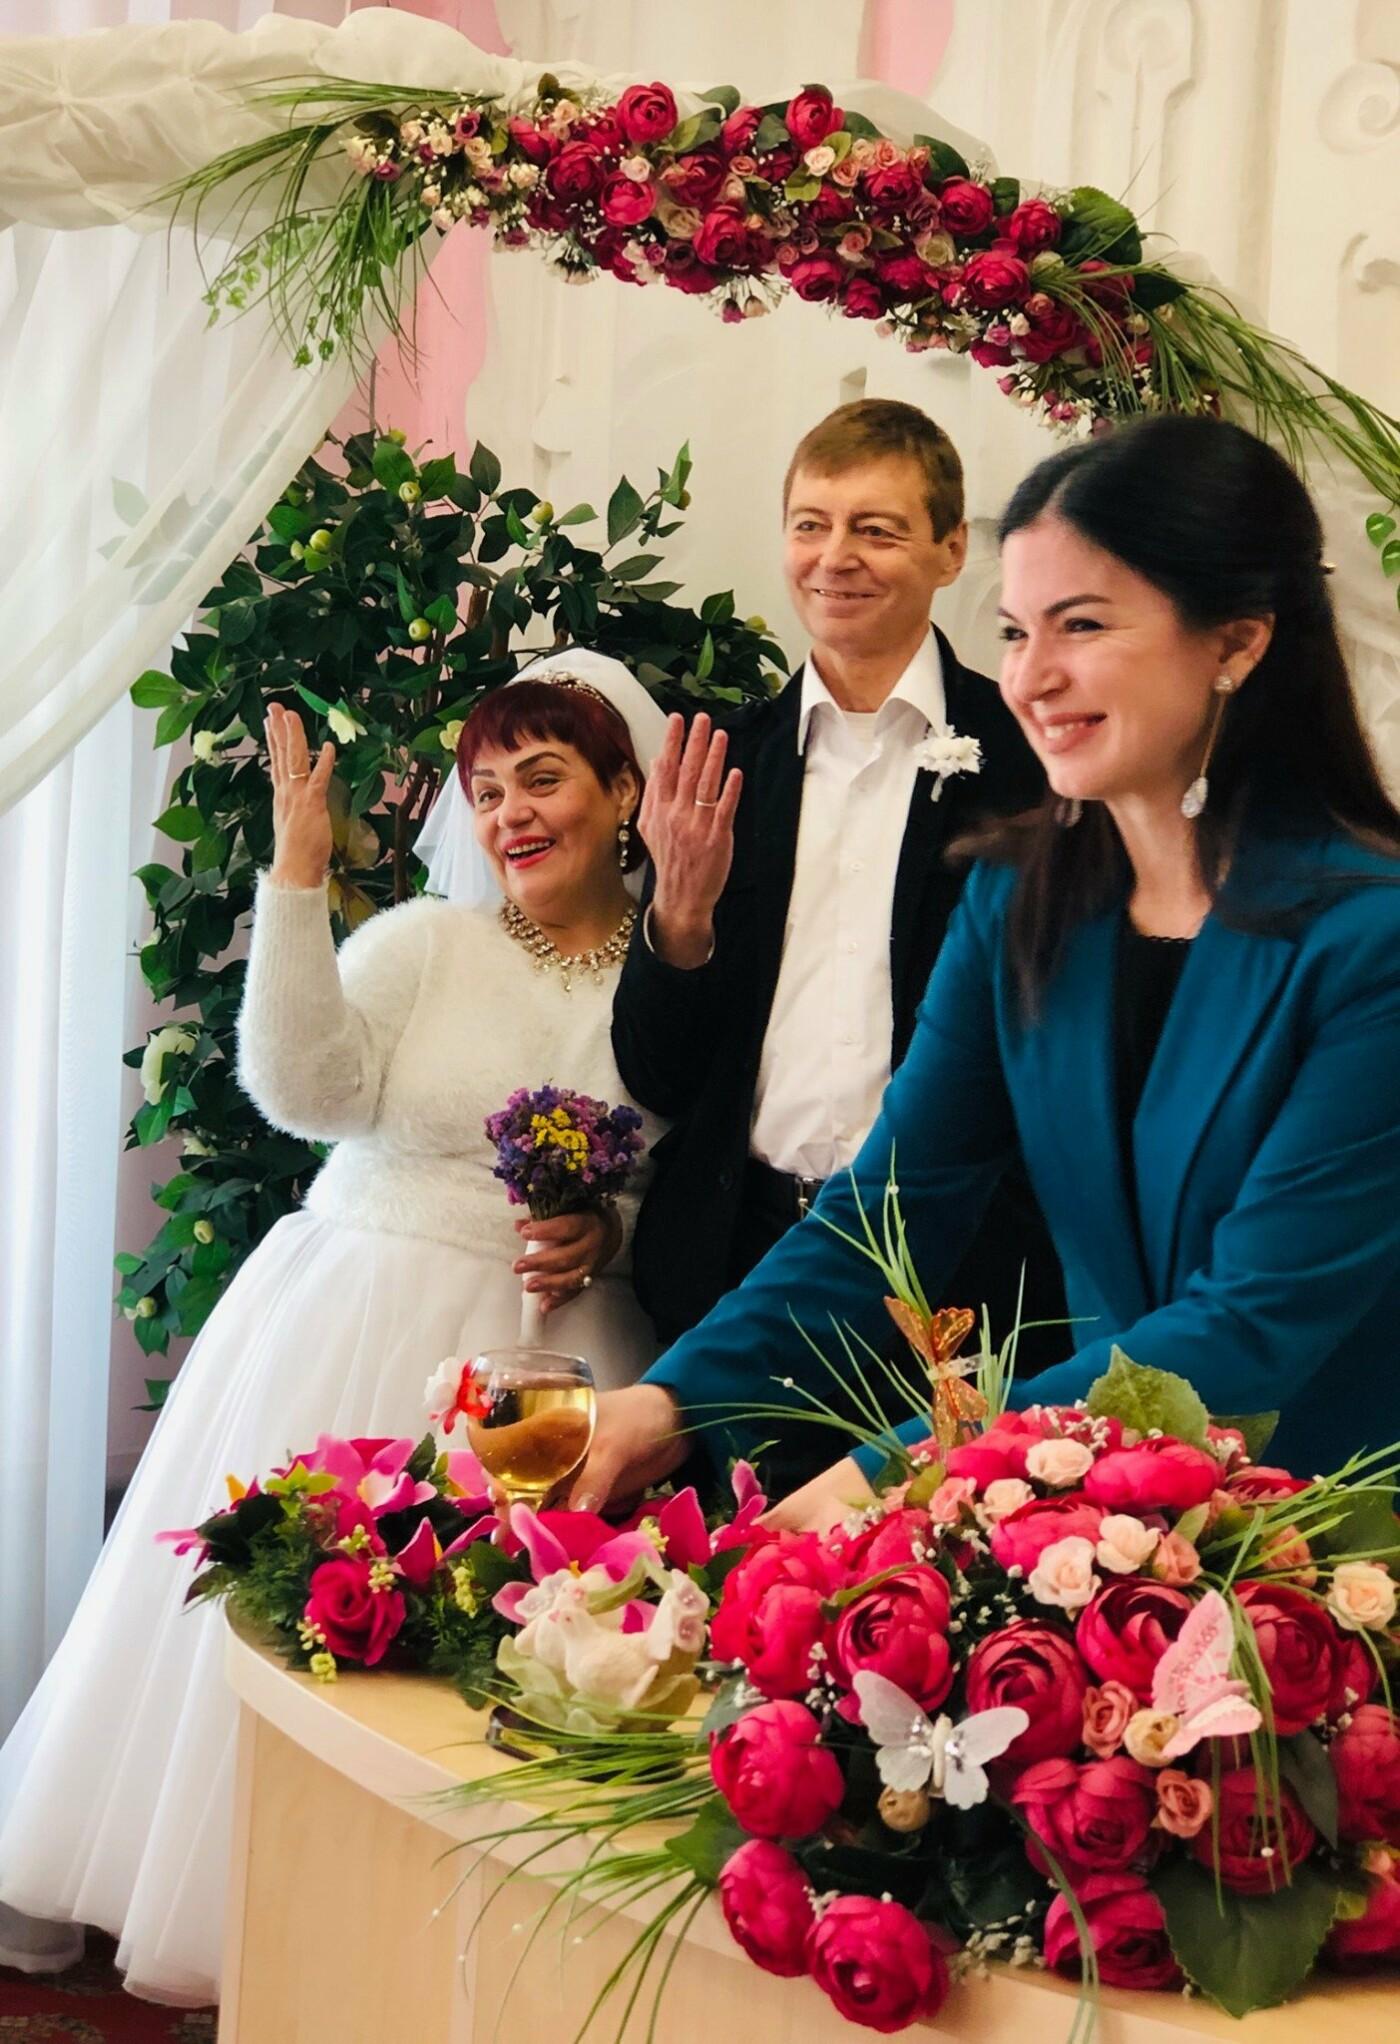 Невероятная love story в Кривом Роге: влюбленные, которых в юности пытались разлучить, сыграли свадьбу 40 лет спустя, - ФОТО, фото-1